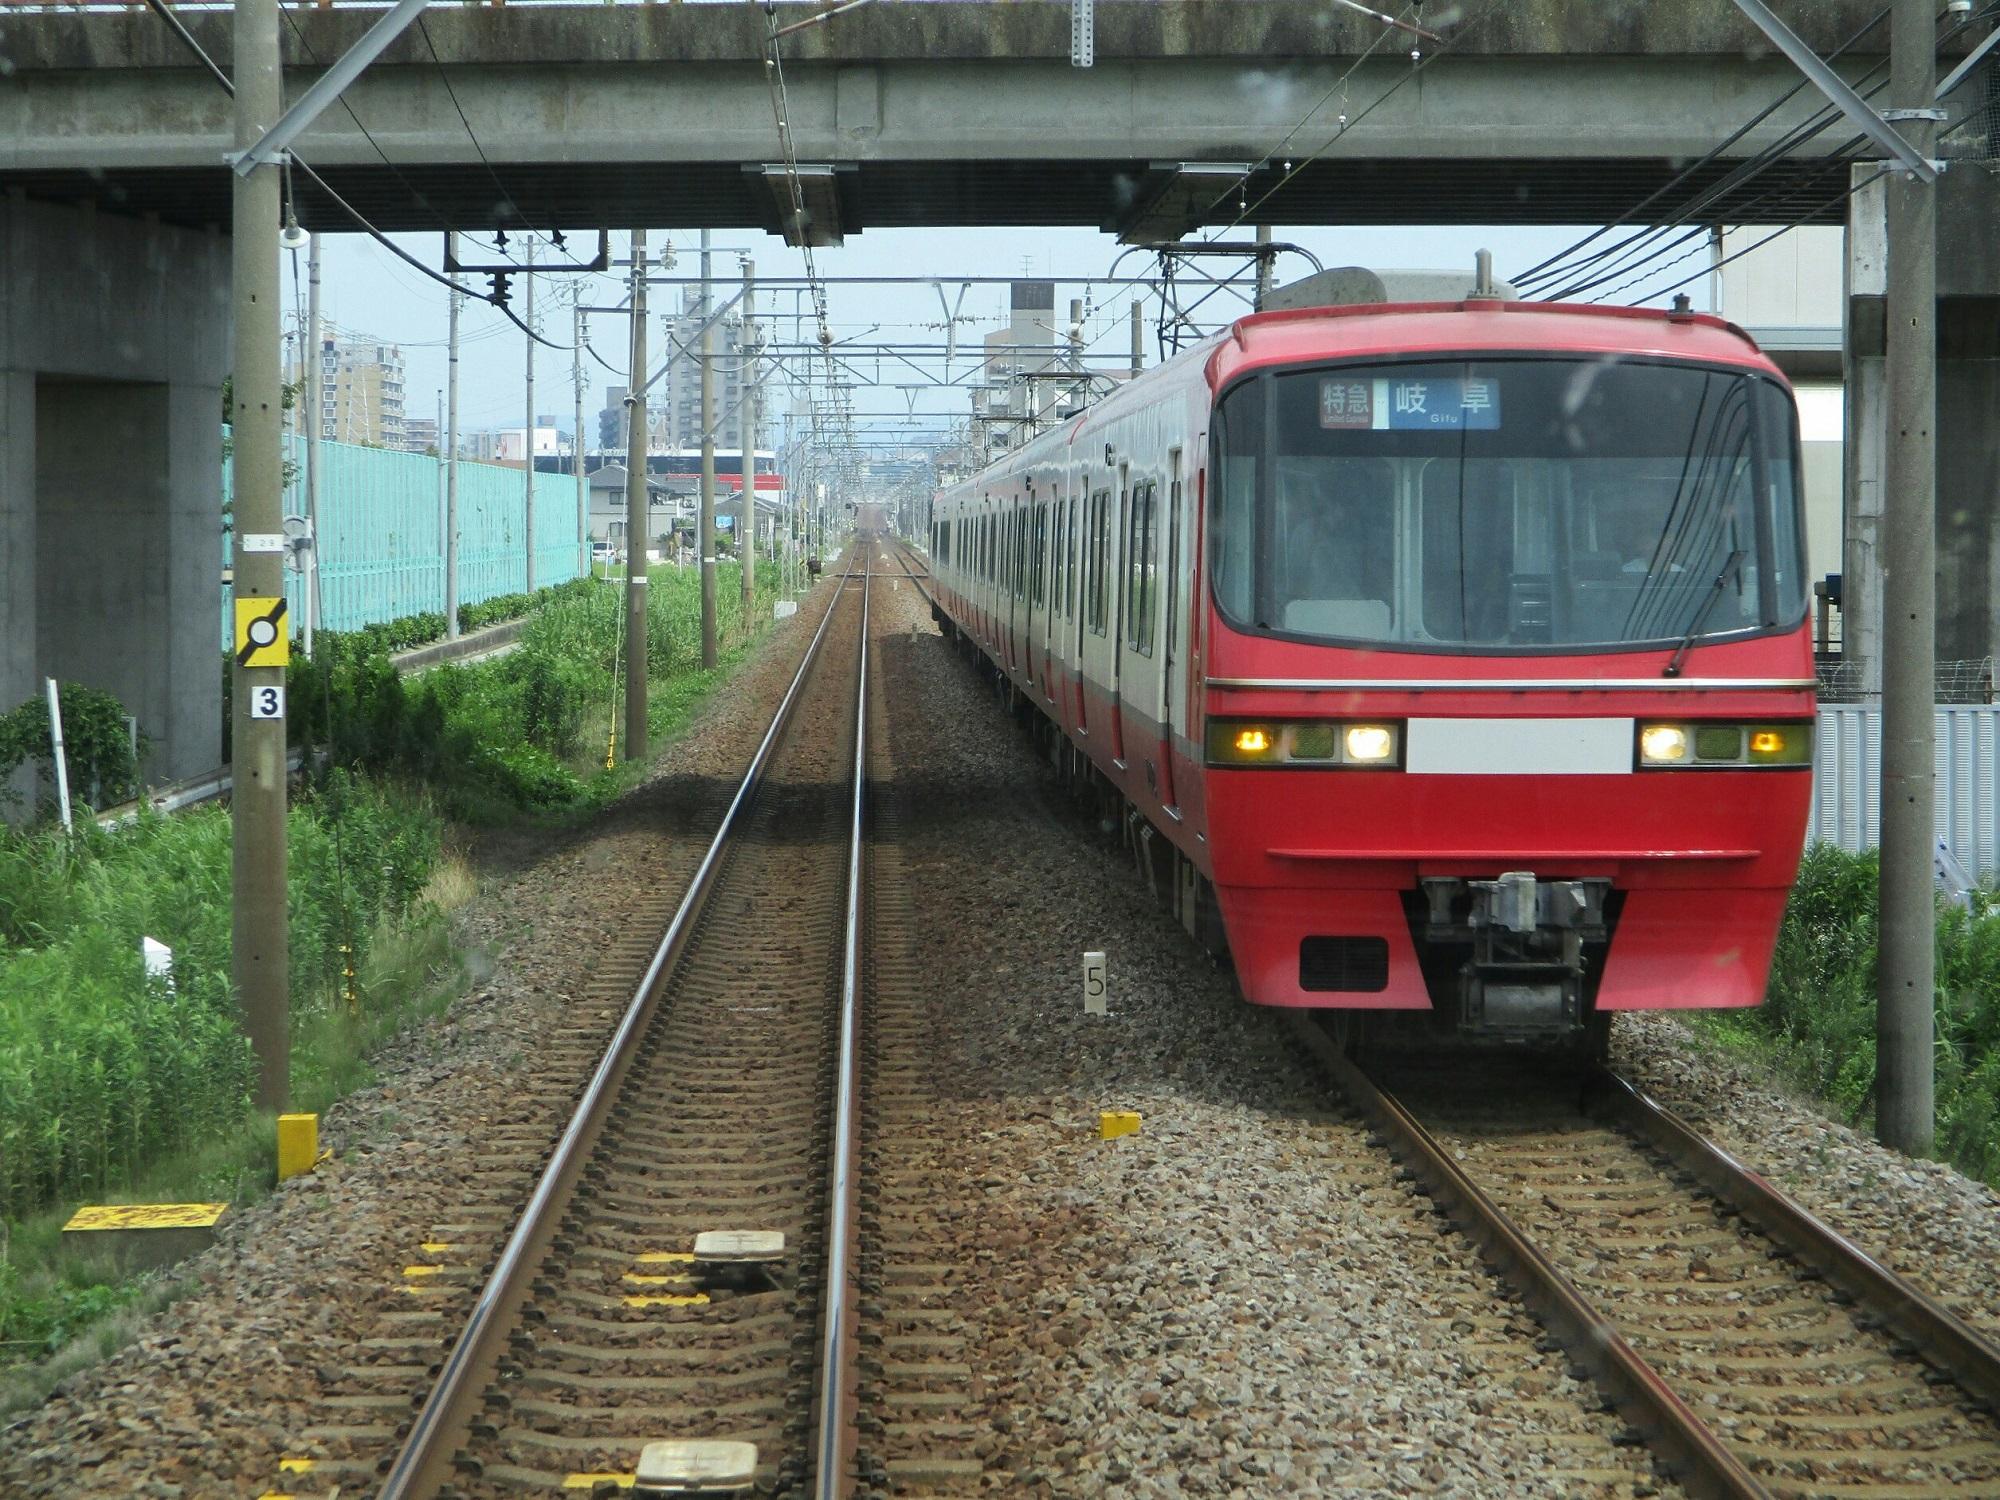 2018.7.11 (7) 東岡崎いきふつう - 宇頭-矢作橋間(岐阜いき特急) 2000-1500